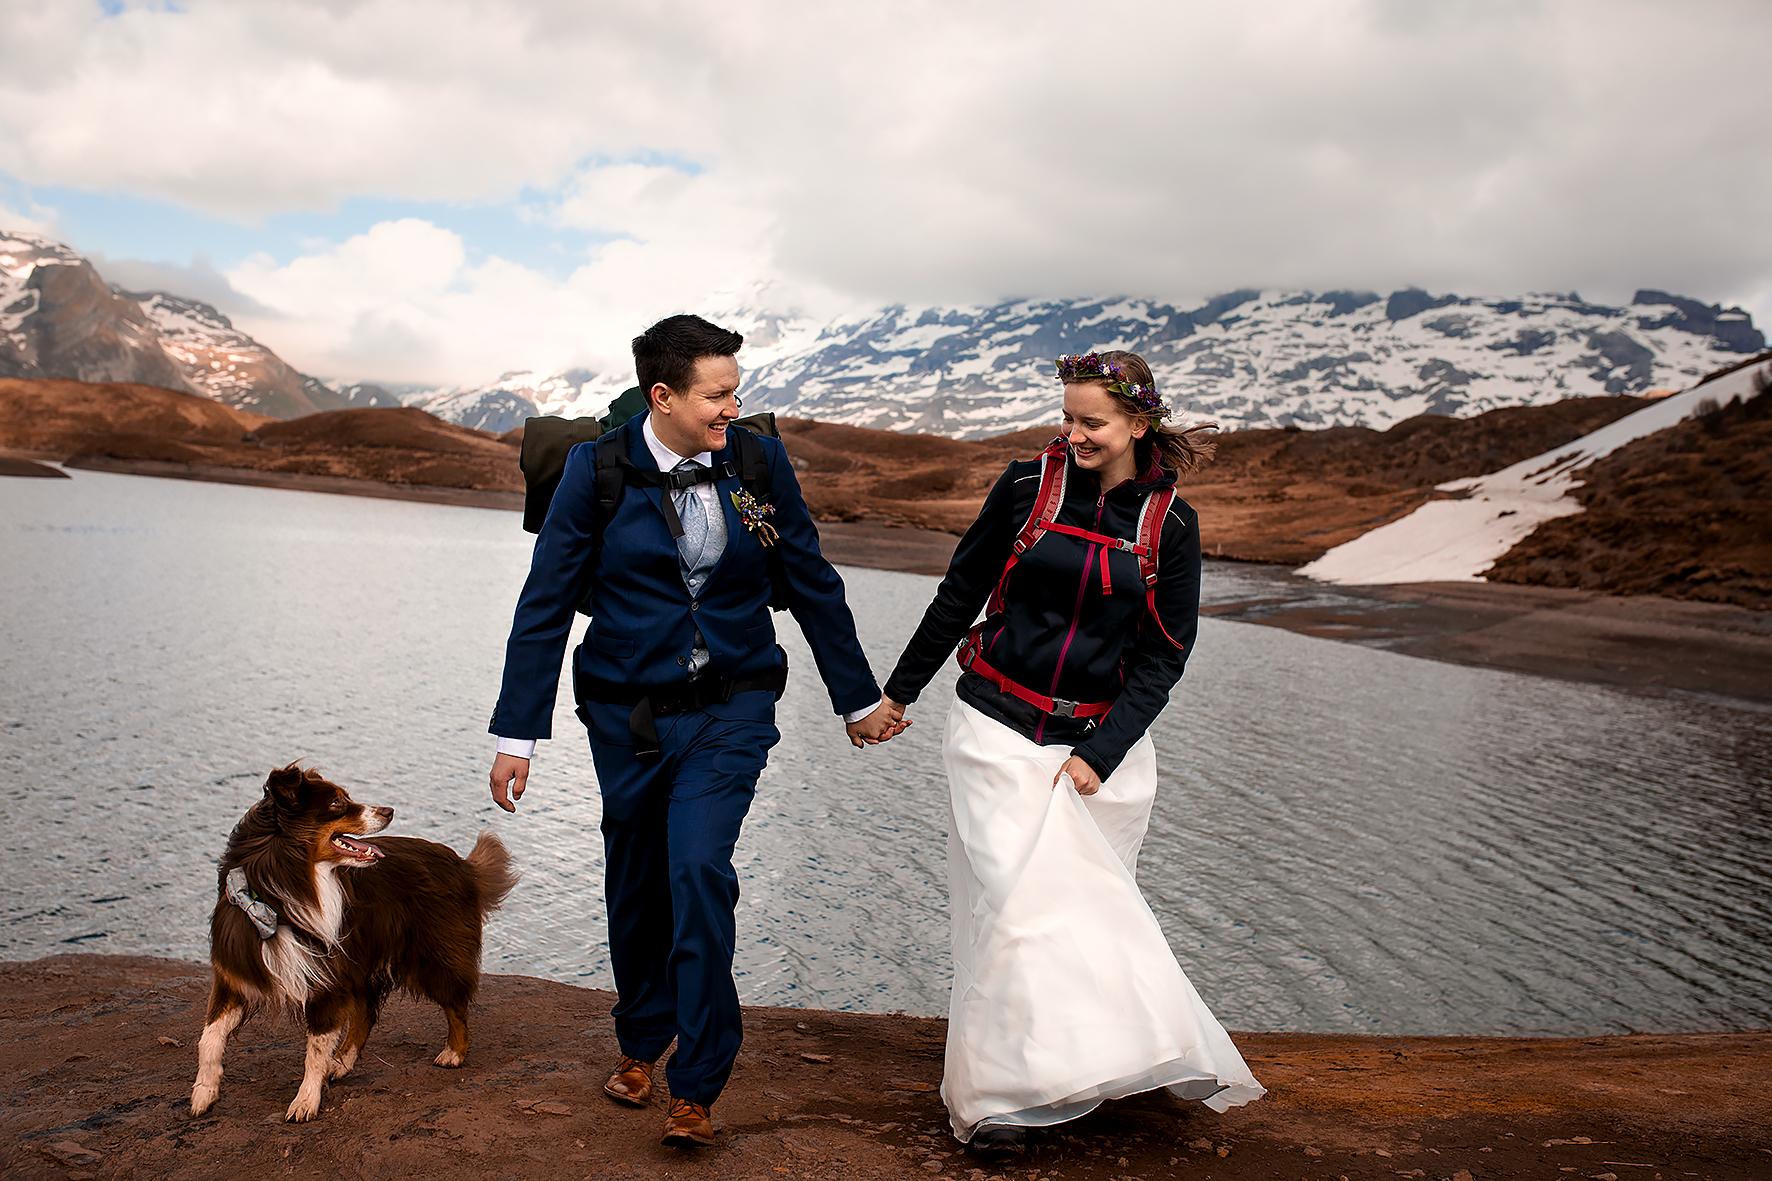 Hand in Hand wandert ein Brautpaar am Ufer eines Bergsees. Neben ihnen läuft ein Australian Shepherd Hund. Die Braut hat ihr Kleid mit einer Hand gerafft, um das weisse Hochzeitskleid vom staubigen Felsboden fernzuhalten.